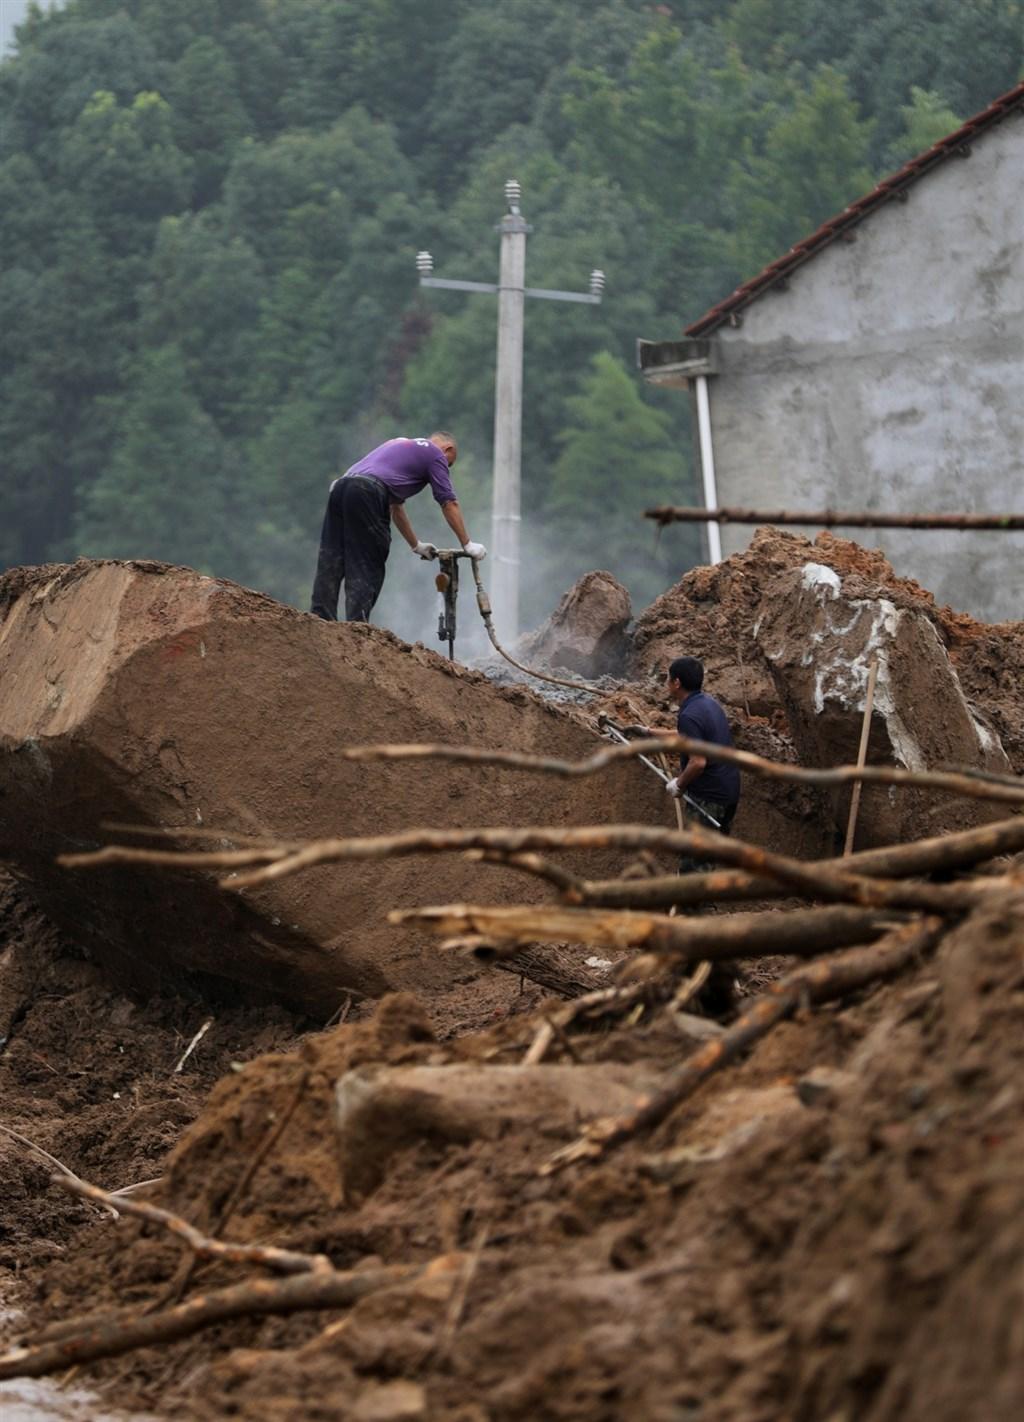 中國南方近日豪雨災情不斷,湖北和貴州省陸續傳出走山,500餘人受災,目前已造成8人被埋死亡。圖為湖北省黃岡市黃梅縣8日凌晨走山,9人被埋失蹤。(中新社提供)